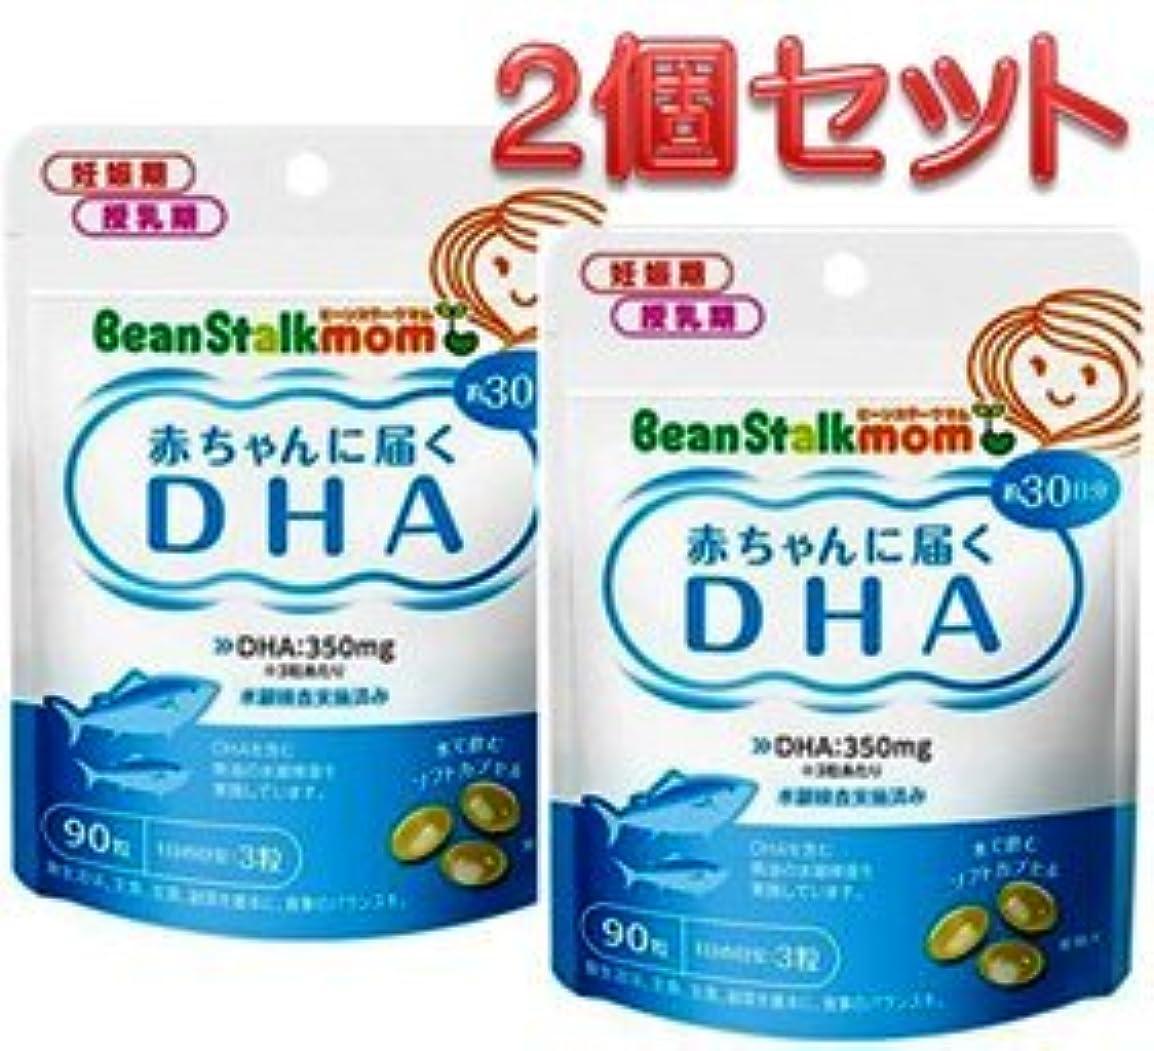 しなやかな春無声でビーンスターク?スノー ビーンスタークマム 母乳にいいもの赤ちゃんに届くDHA90粒(30日分) ×2個セット2か月分